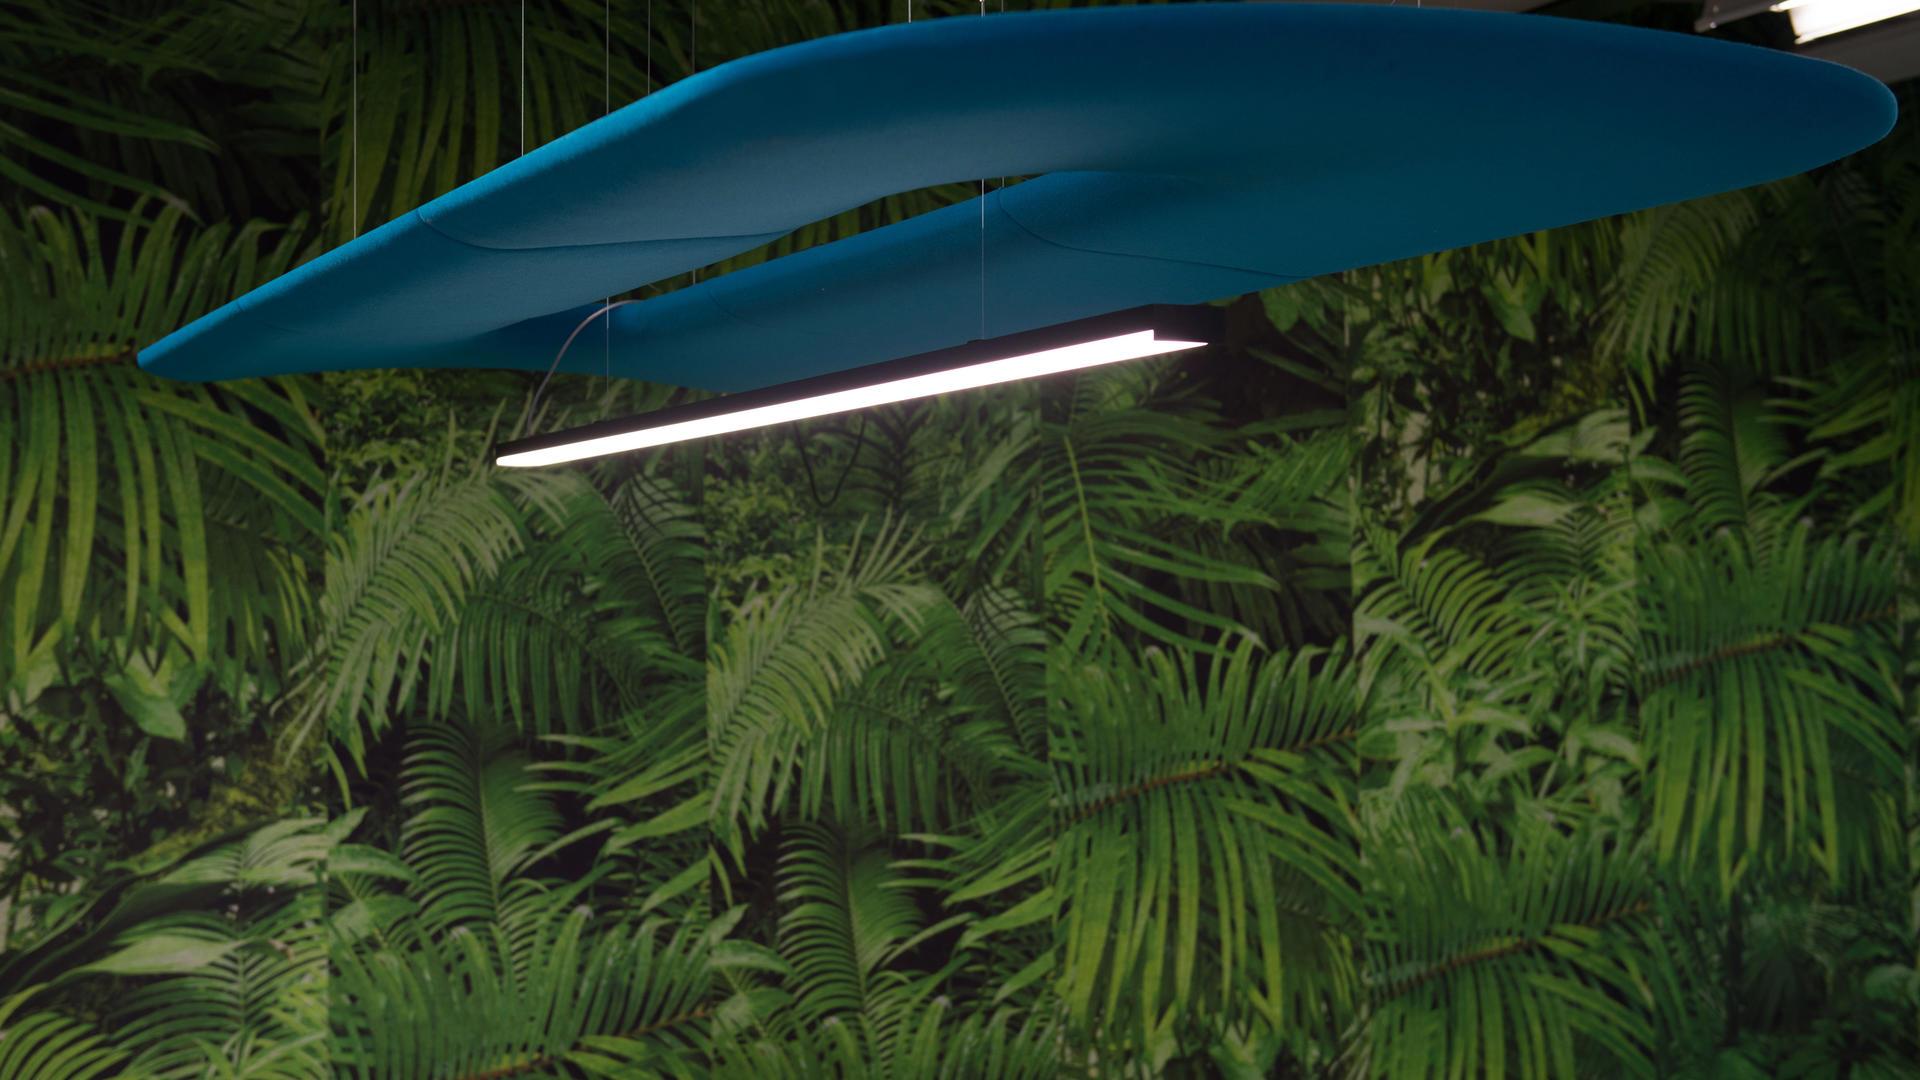 BuzziZepp LED